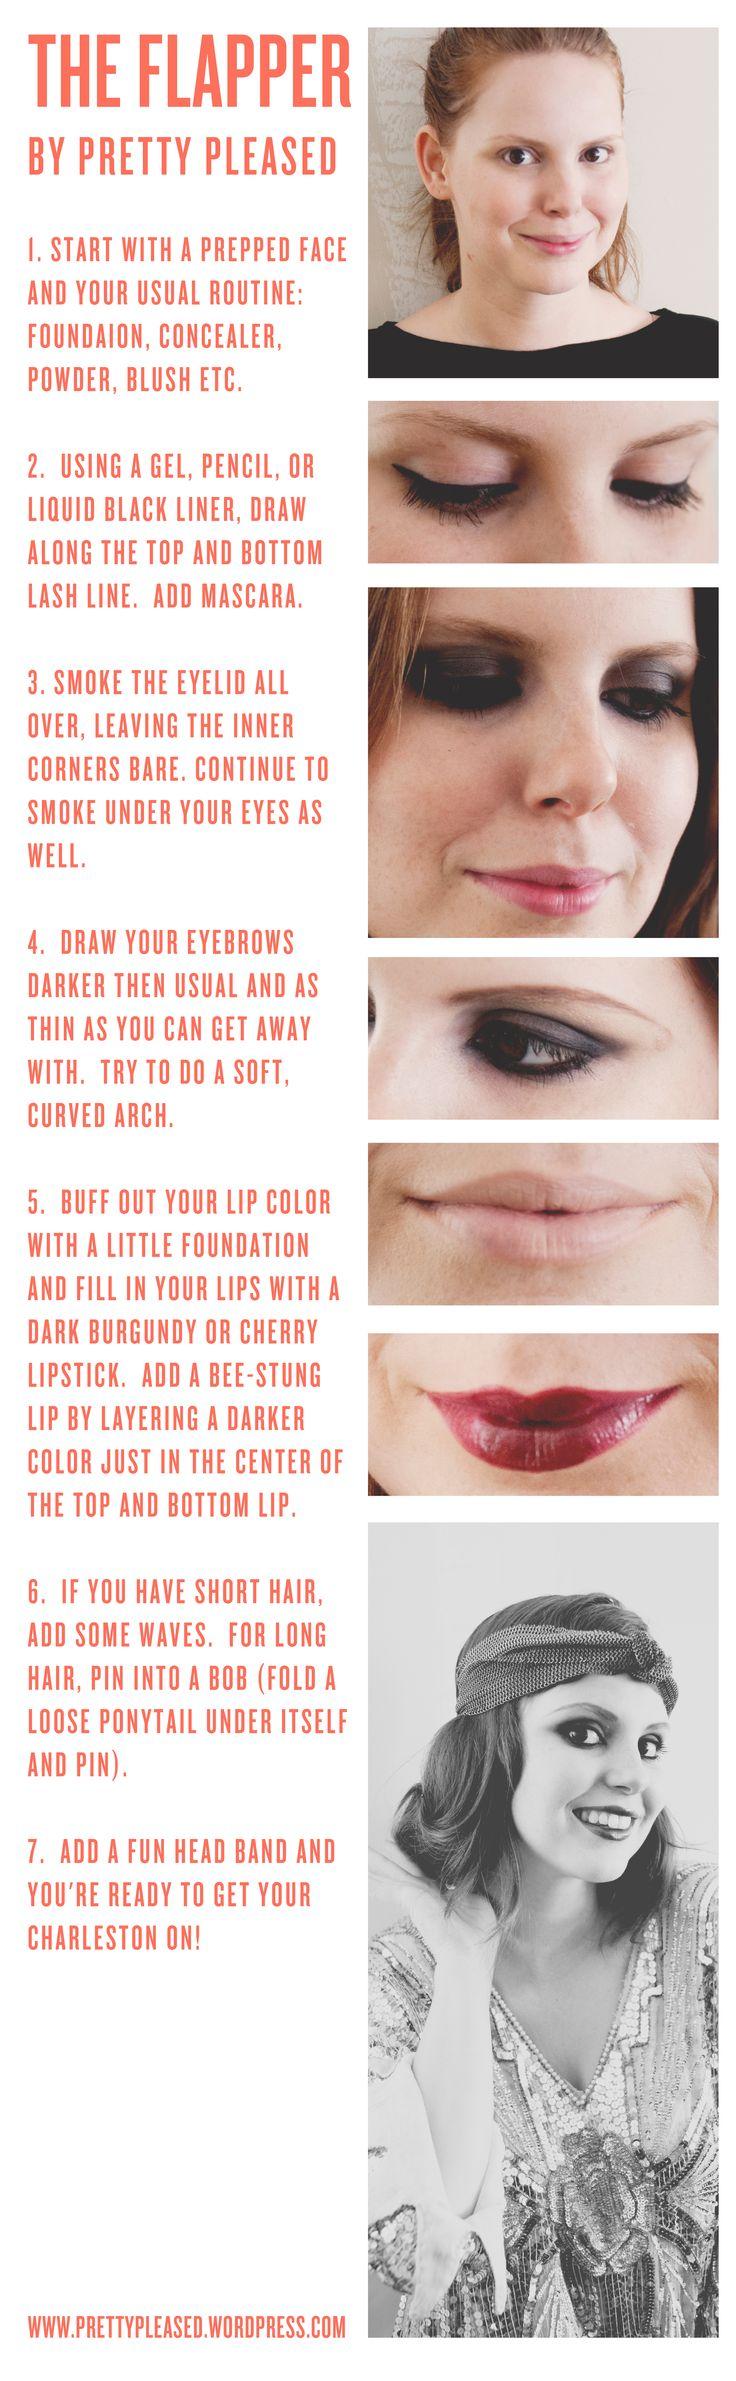 Halloween Makeup Idea: Flapper